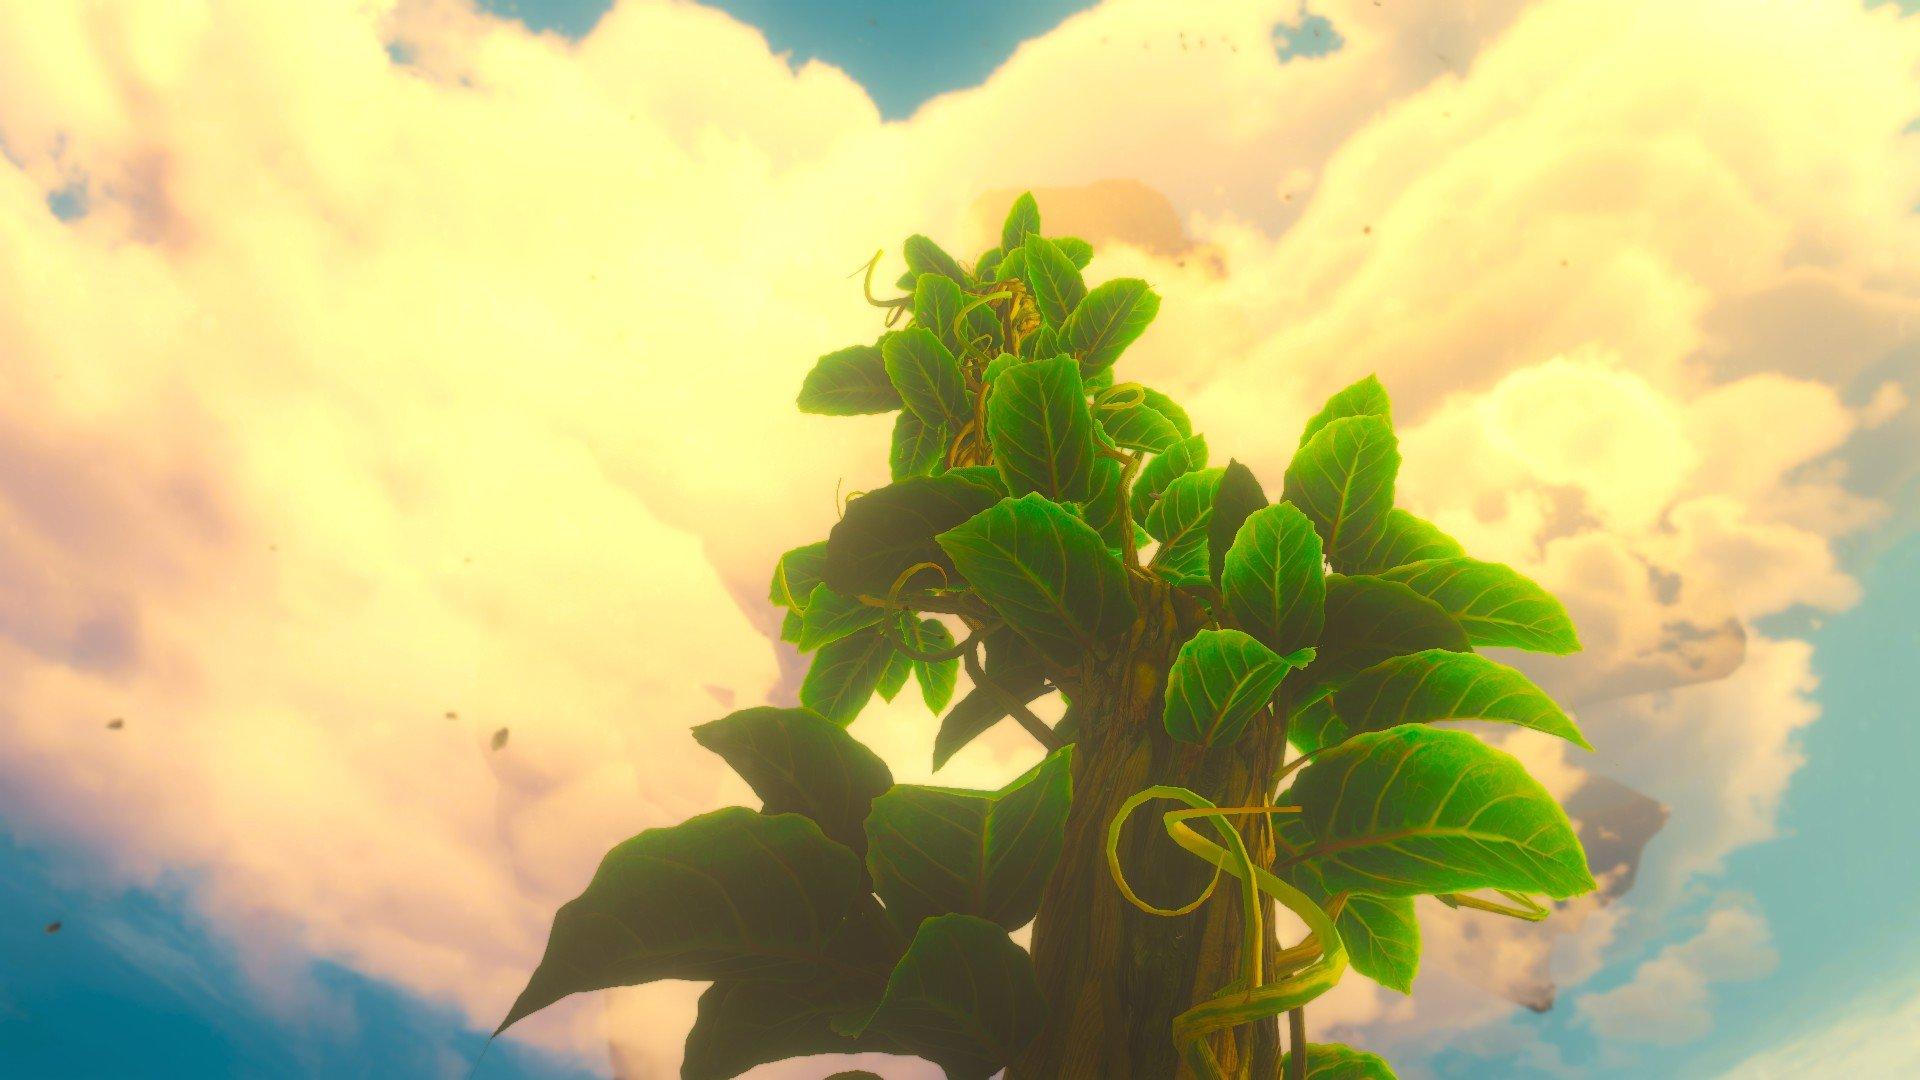 Вопль-прохождение Witcher 3: Кровь и Вино ... ФИНАЛ!!! [ВНИМАНИЕ, СПОЙЛЕРЫ] - Изображение 26